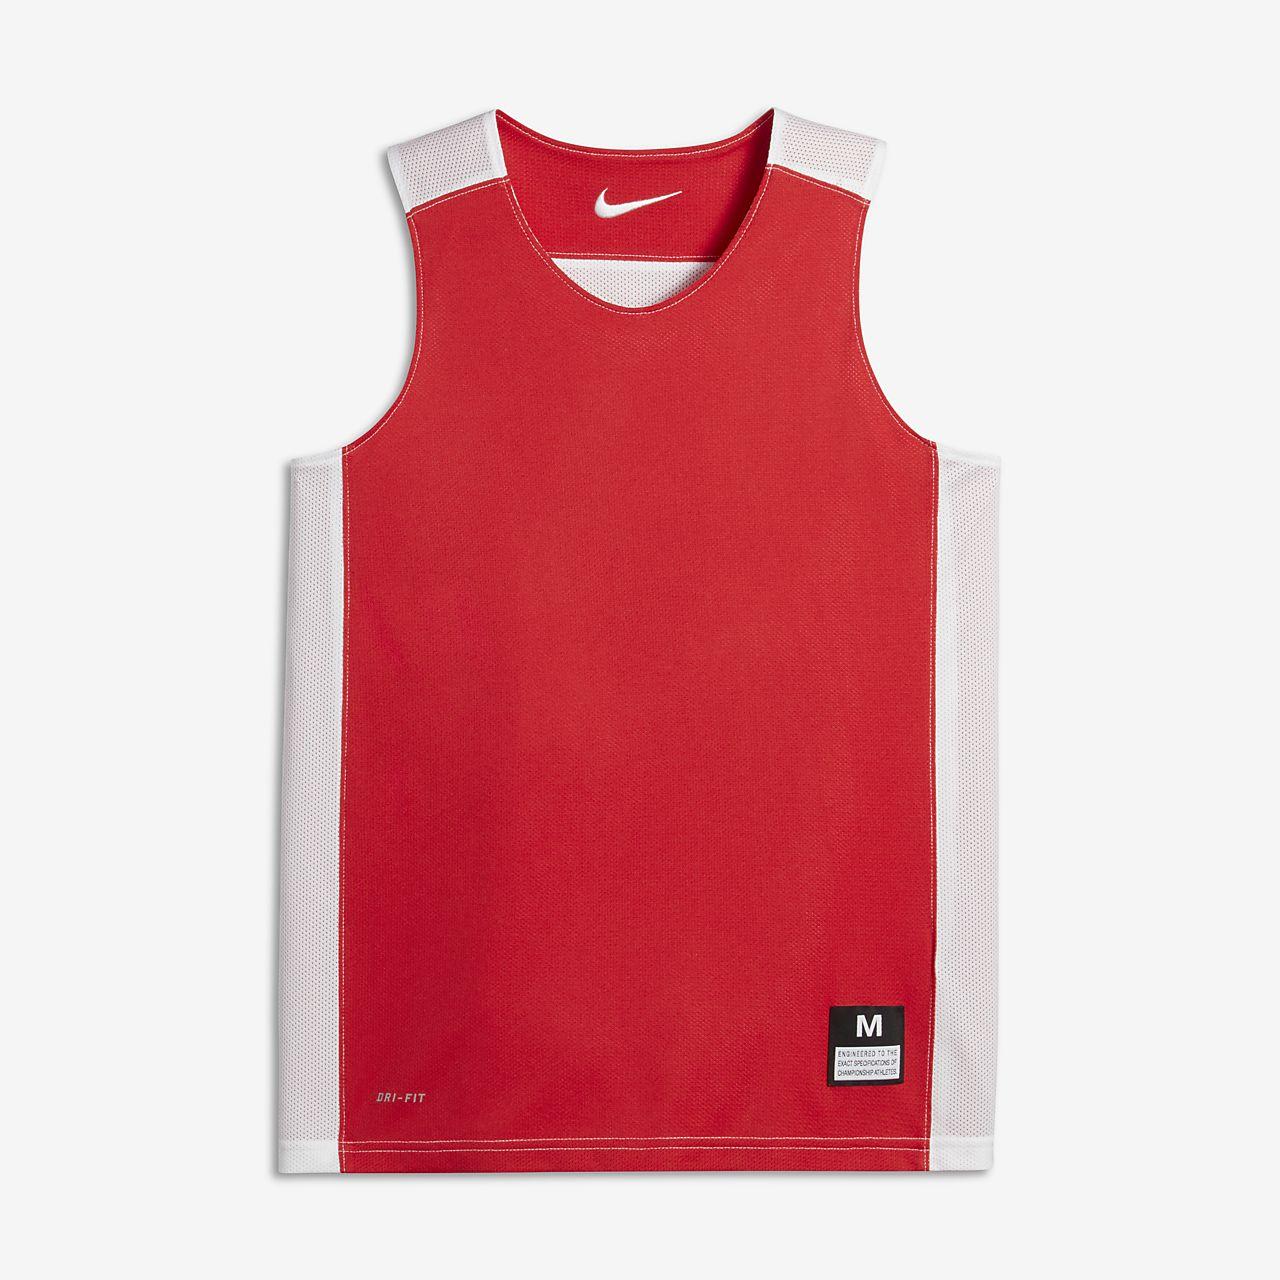 2aa5b09809dd0 nike reversible soccer jersey on sale   OFF56% Discounts